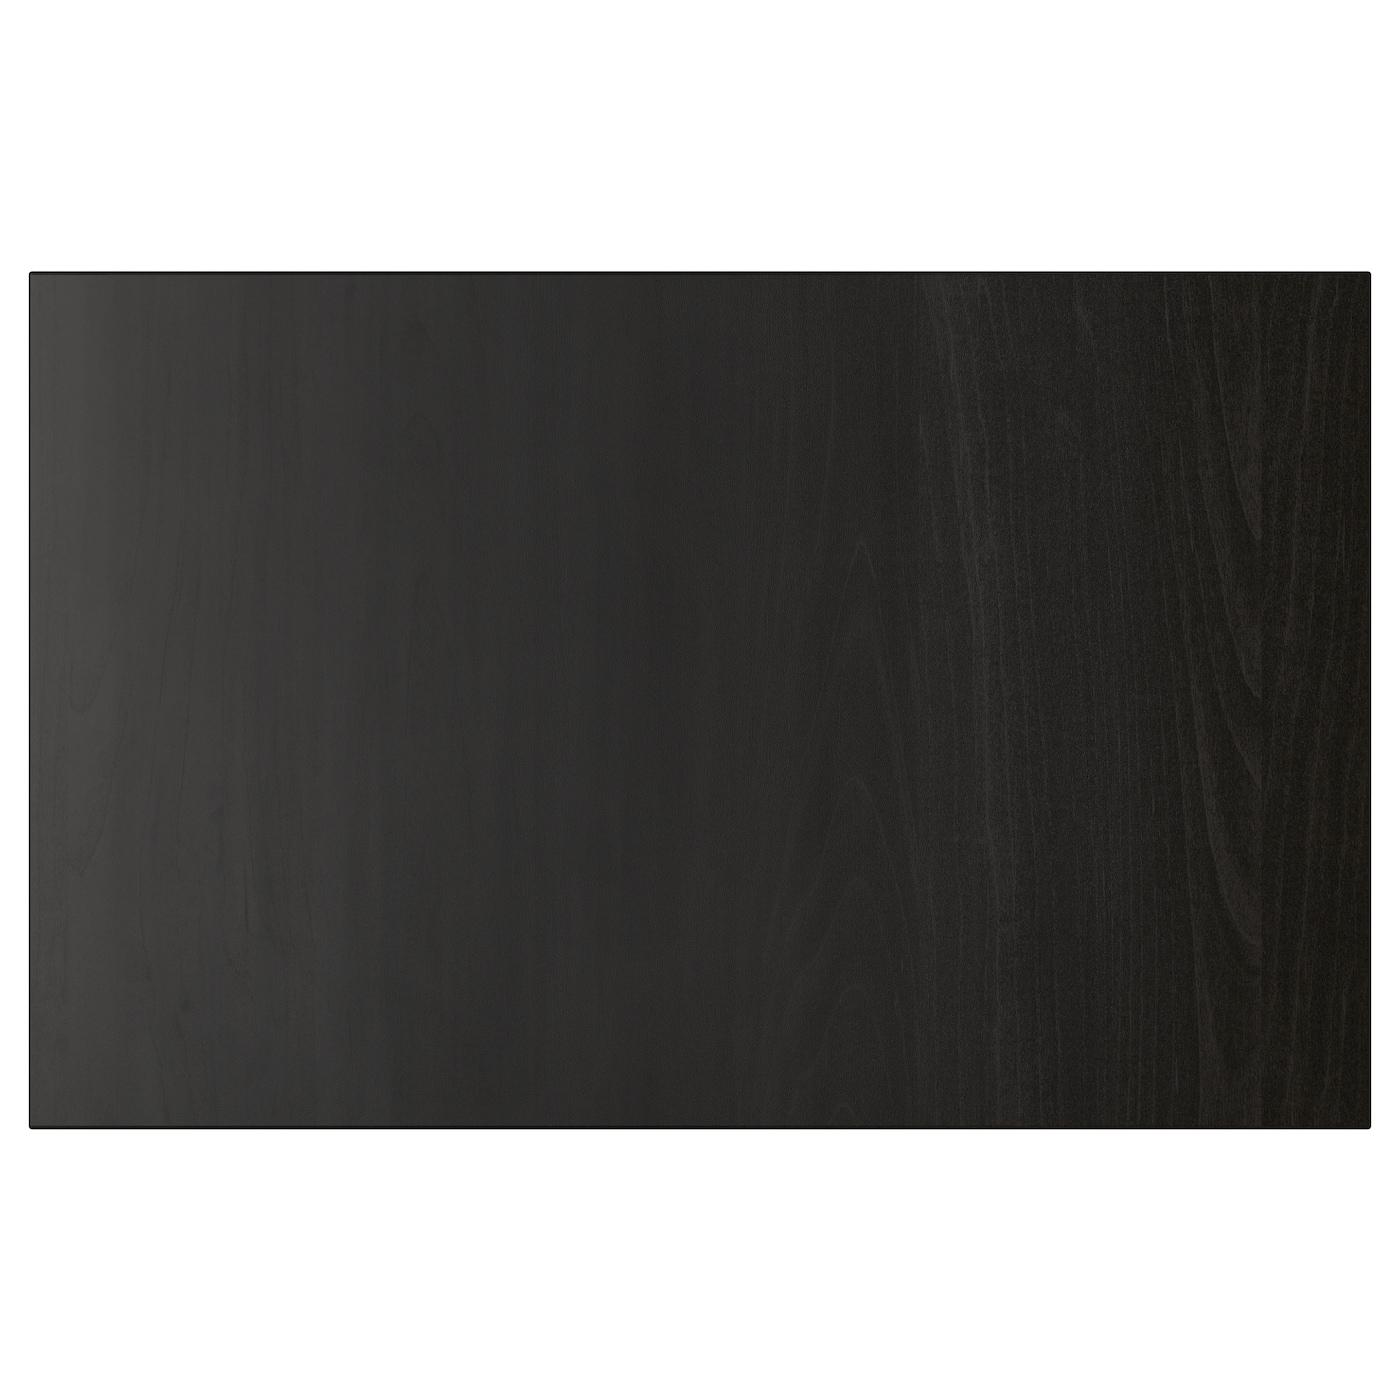 LAPPVIKEN, Tür/Schubladenfront, schwarzbraun, 402.916.67